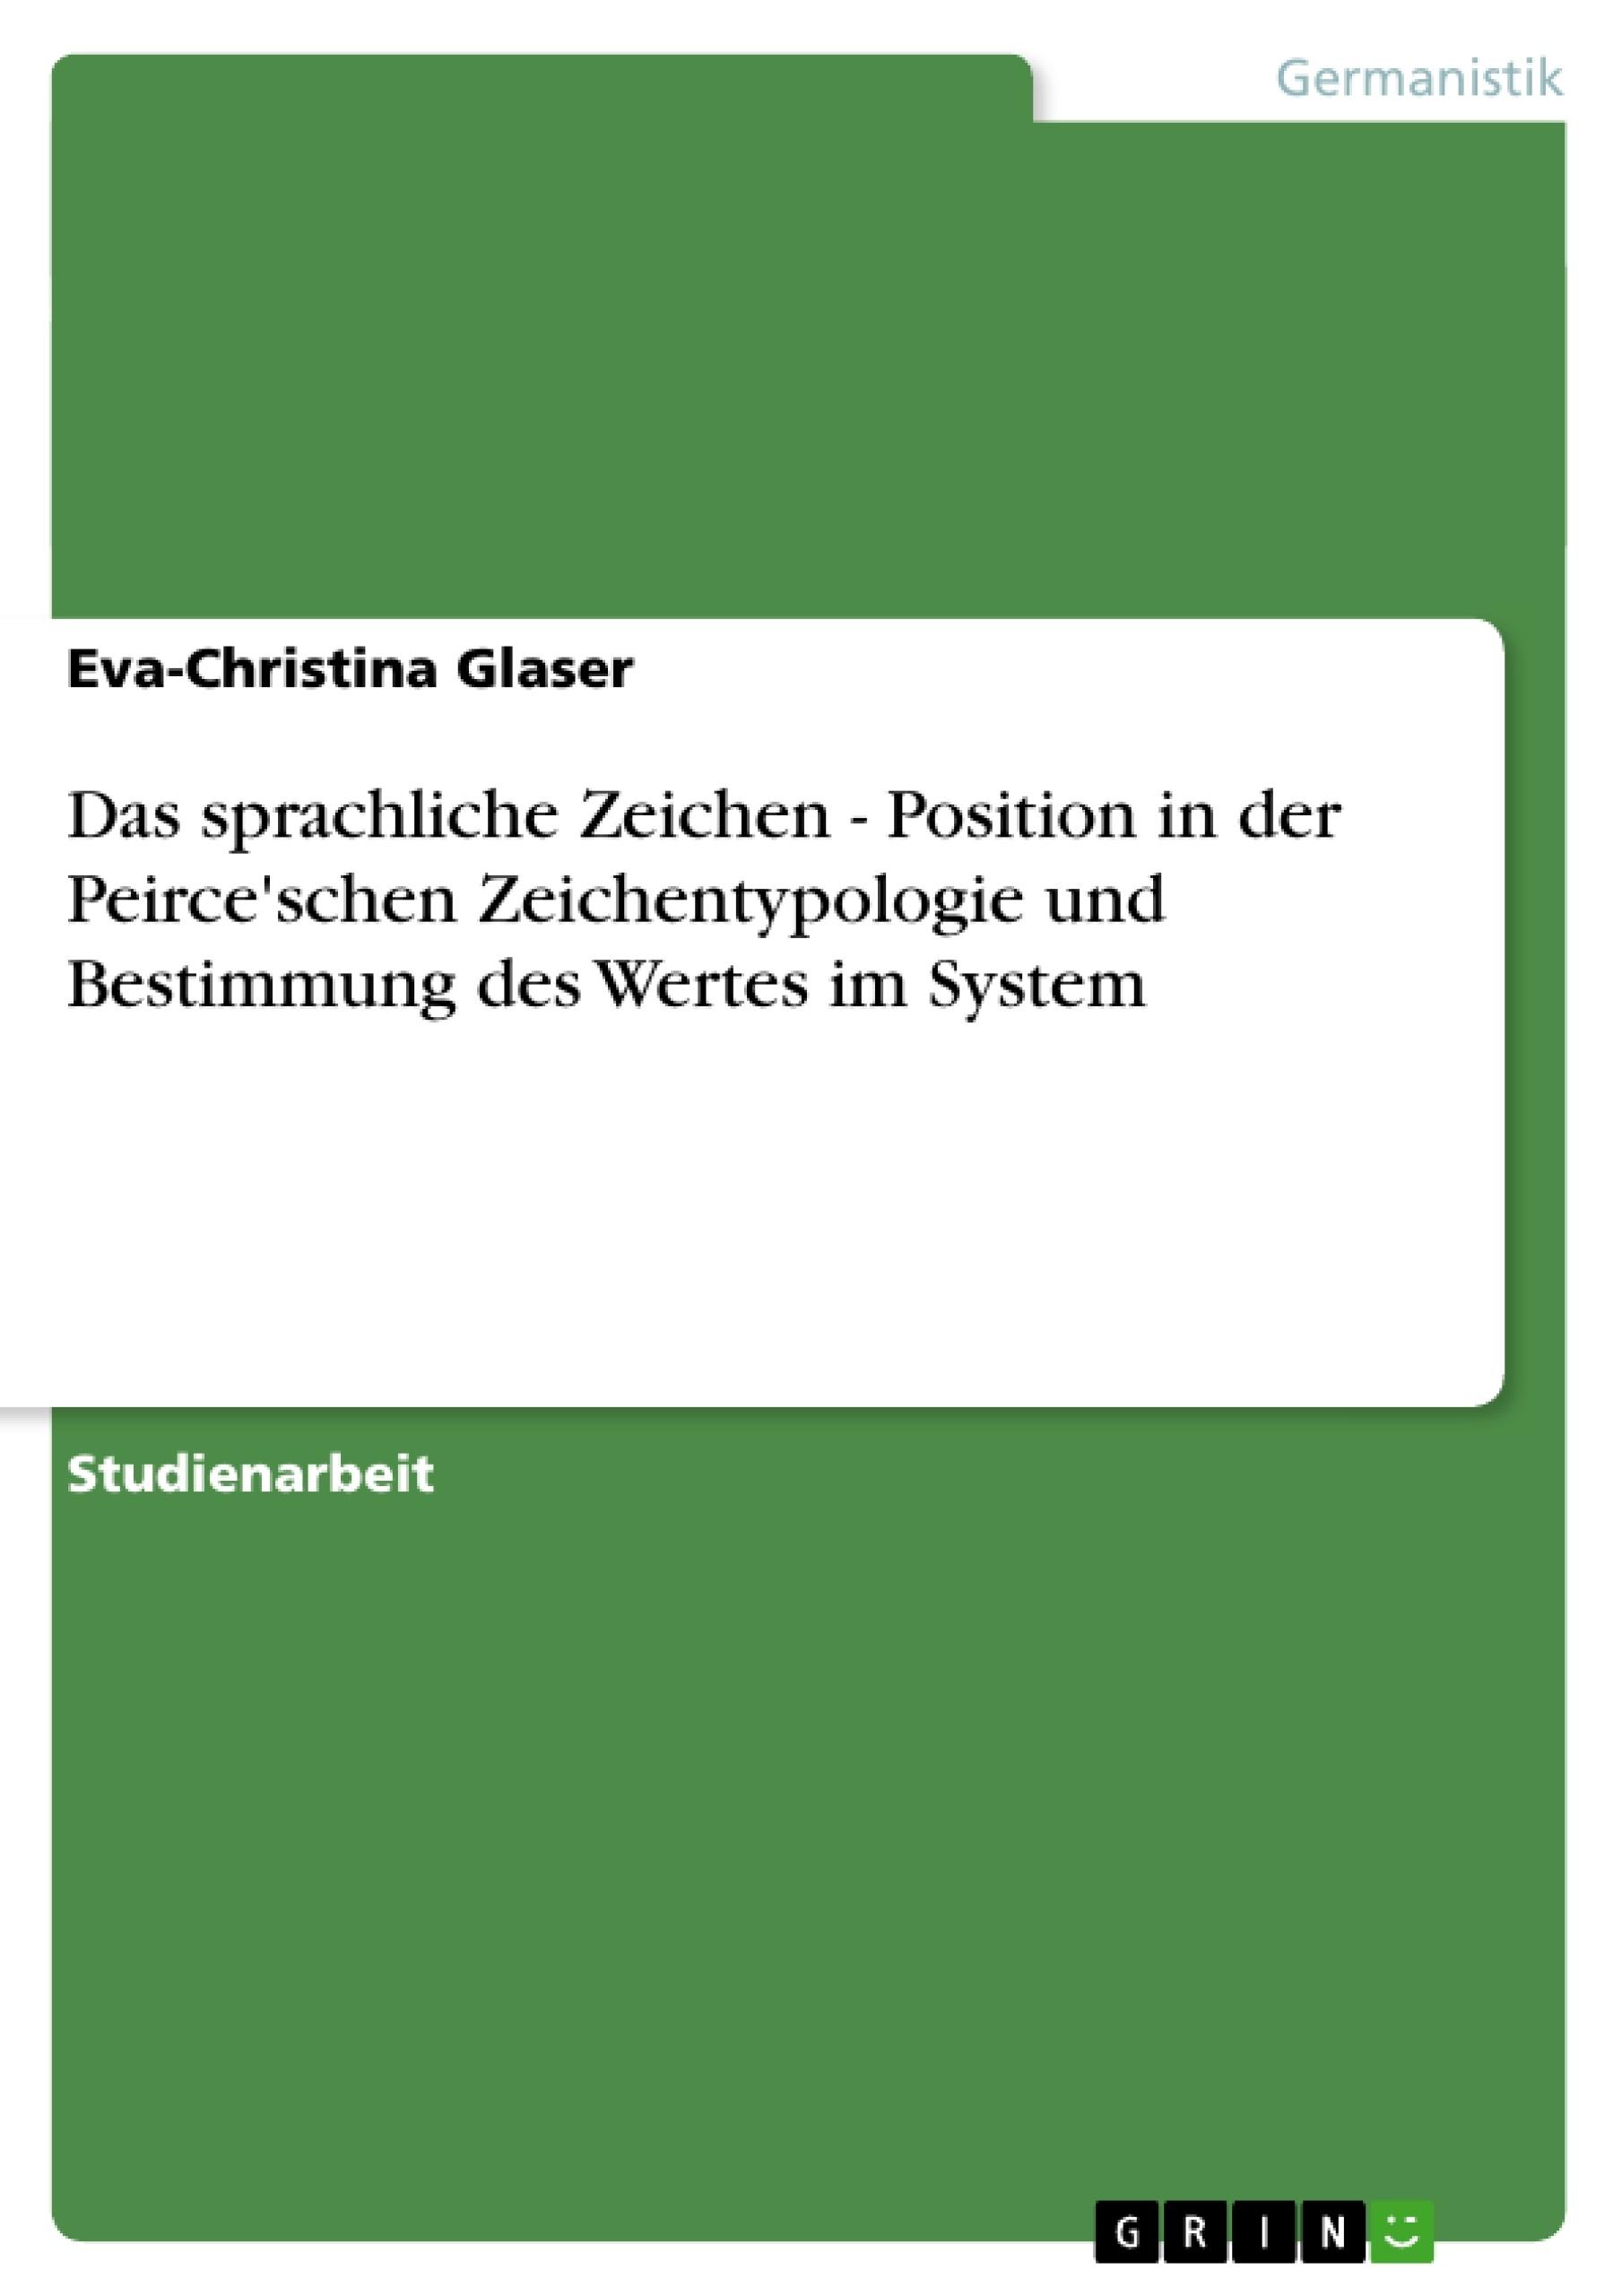 Titel: Das sprachliche Zeichen - Position in der Peirce'schen Zeichentypologie und Bestimmung des Wertes im System